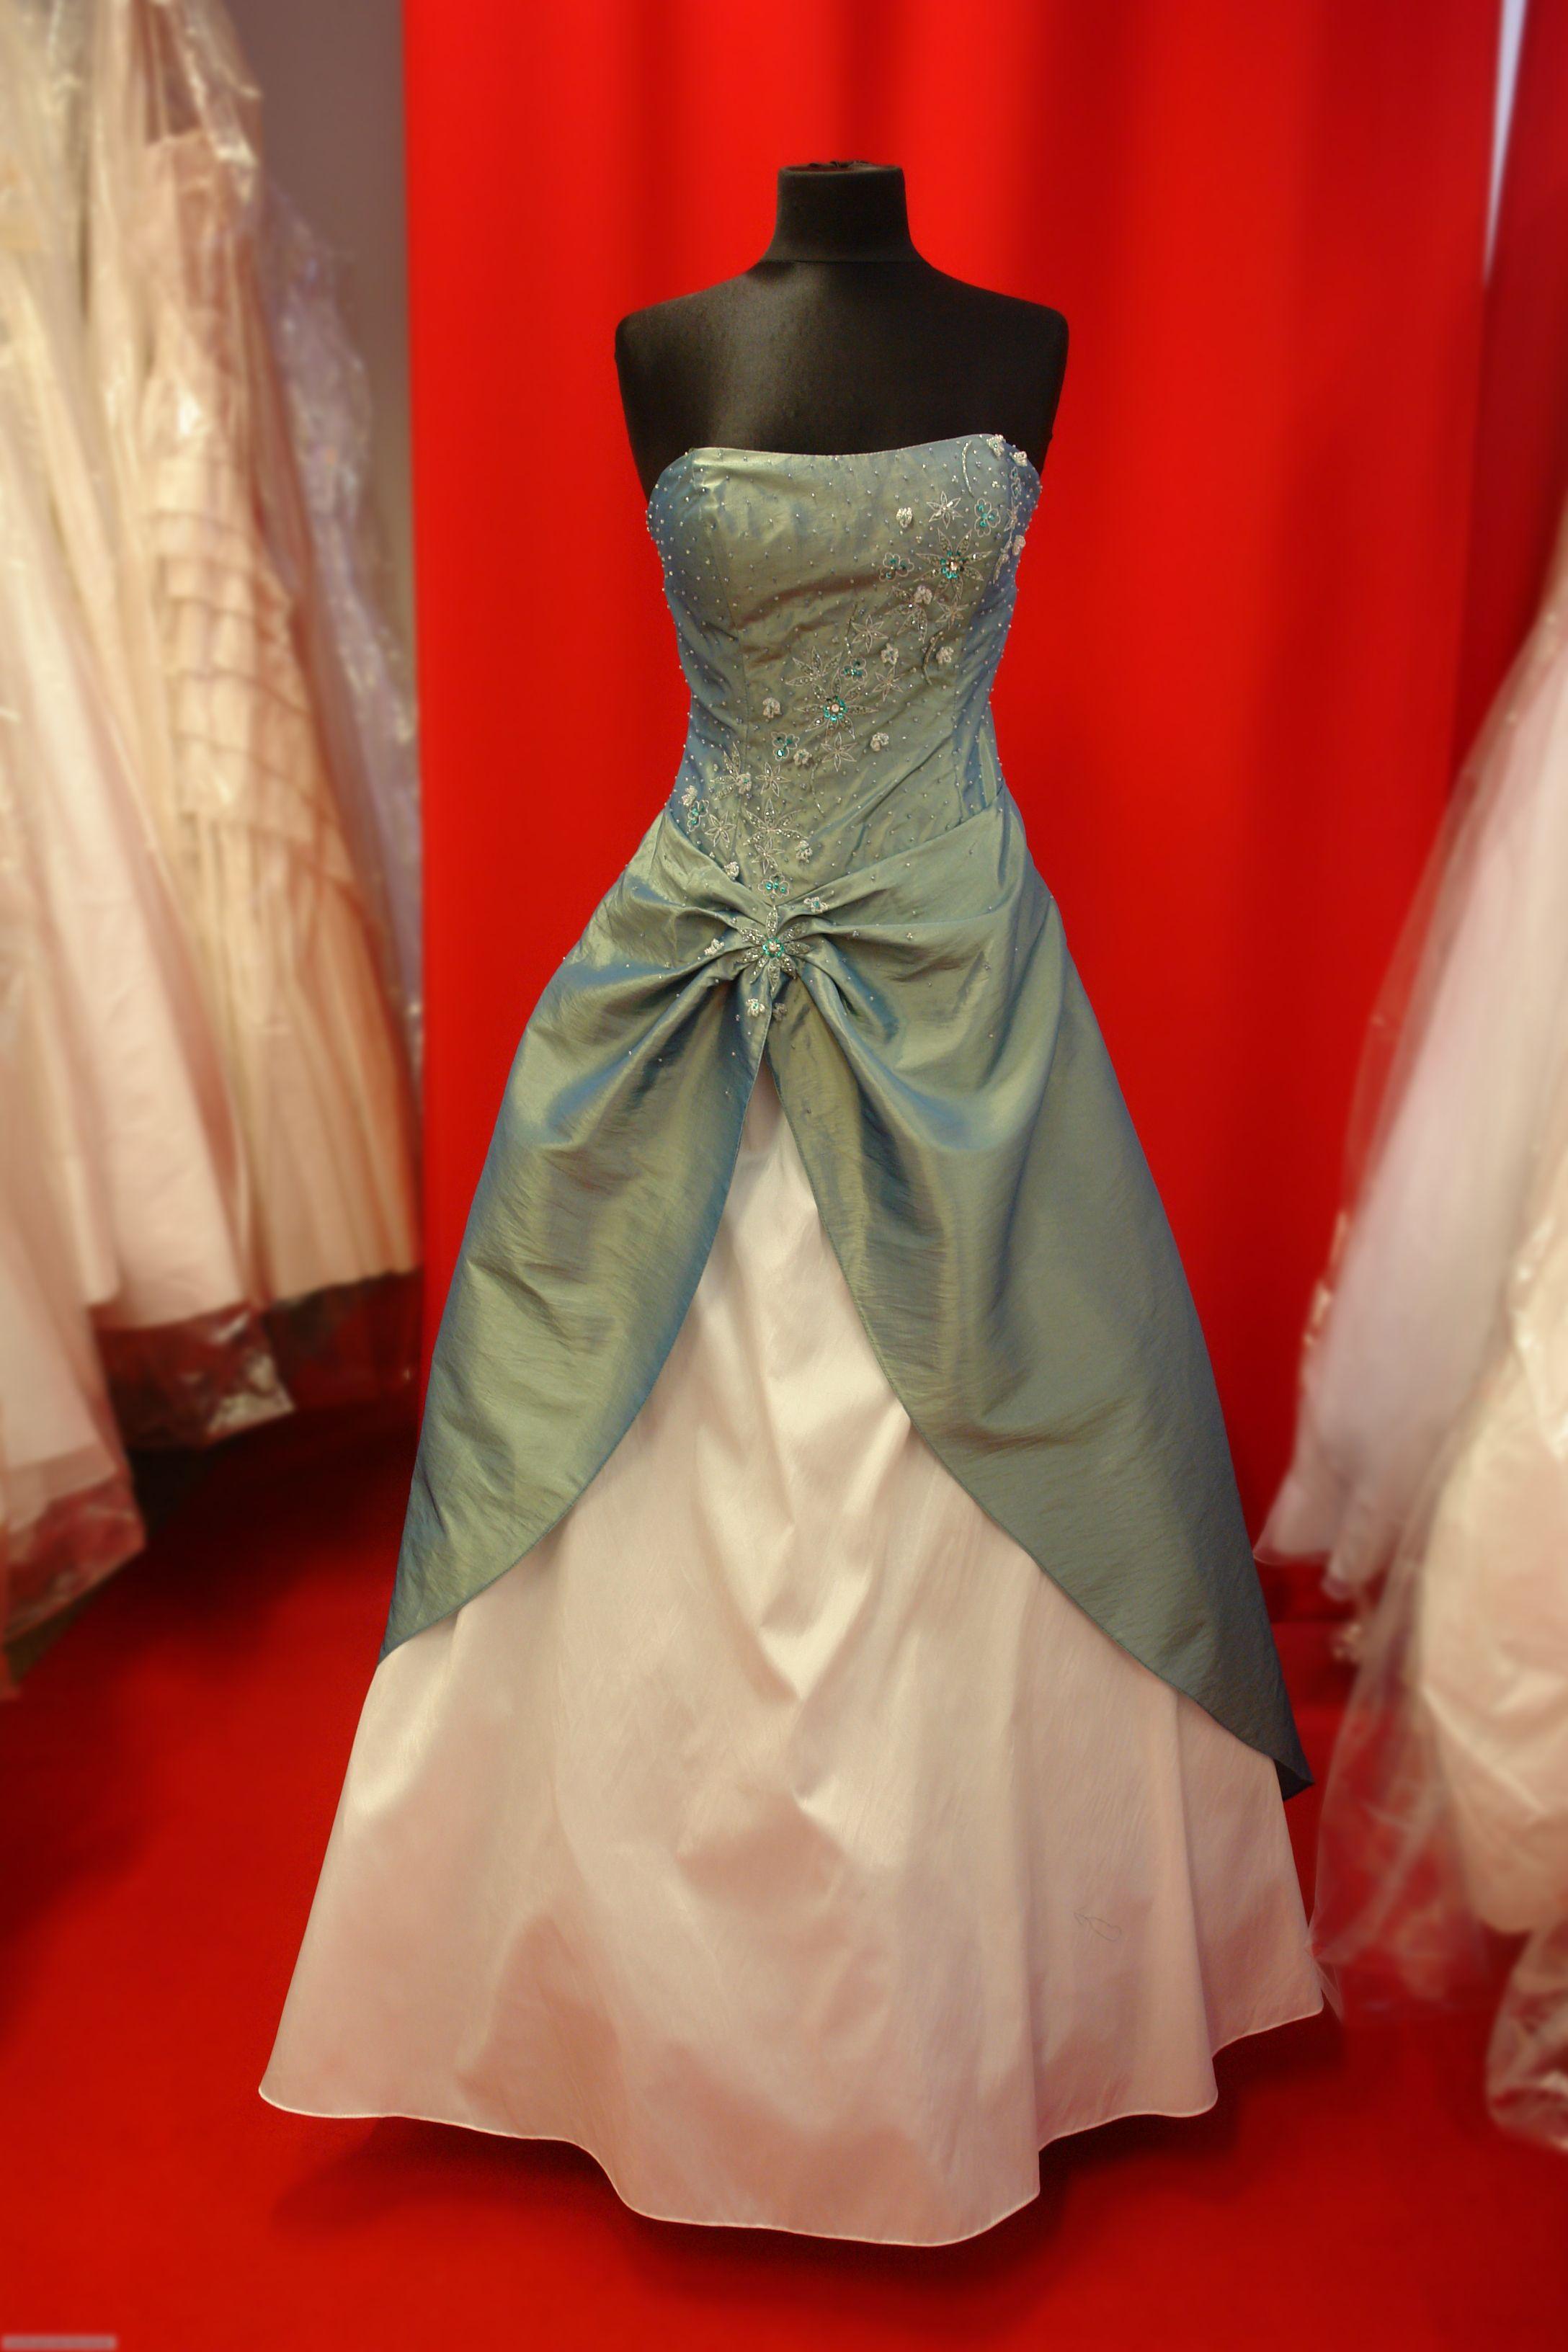 Brautkleid | brautkleid discount | Pinterest | Clothing and Bodies